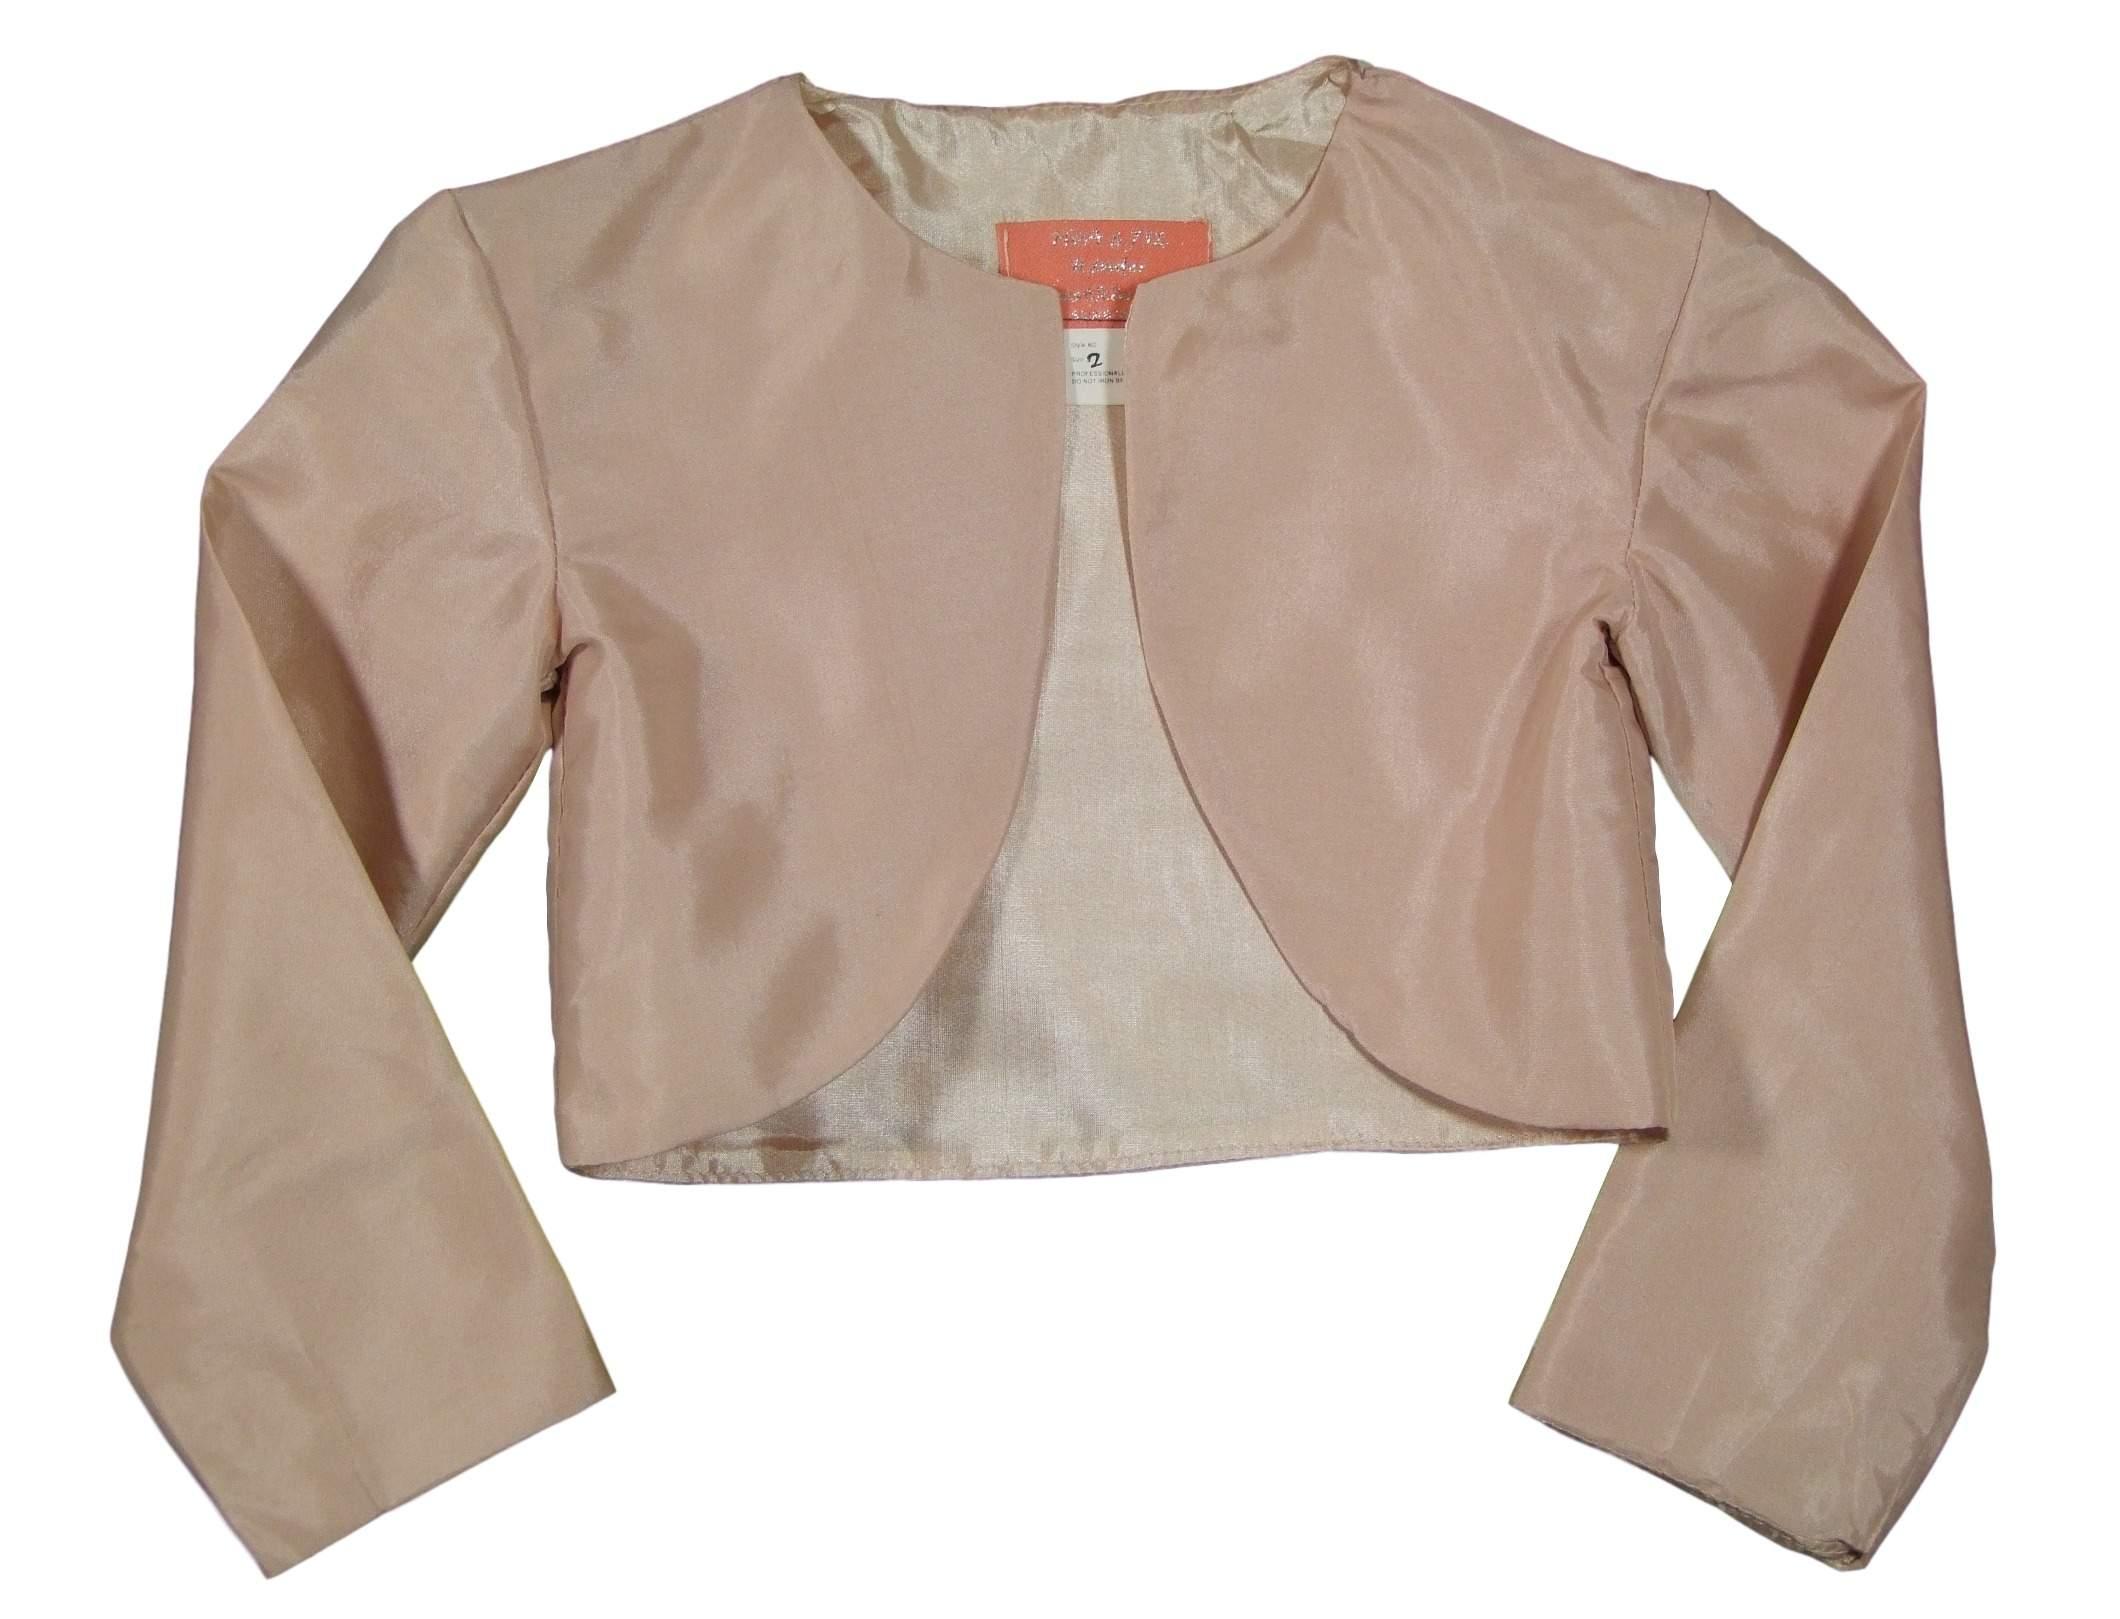 Kinder bolero's en jasjes voor meisjes - Humpiedump